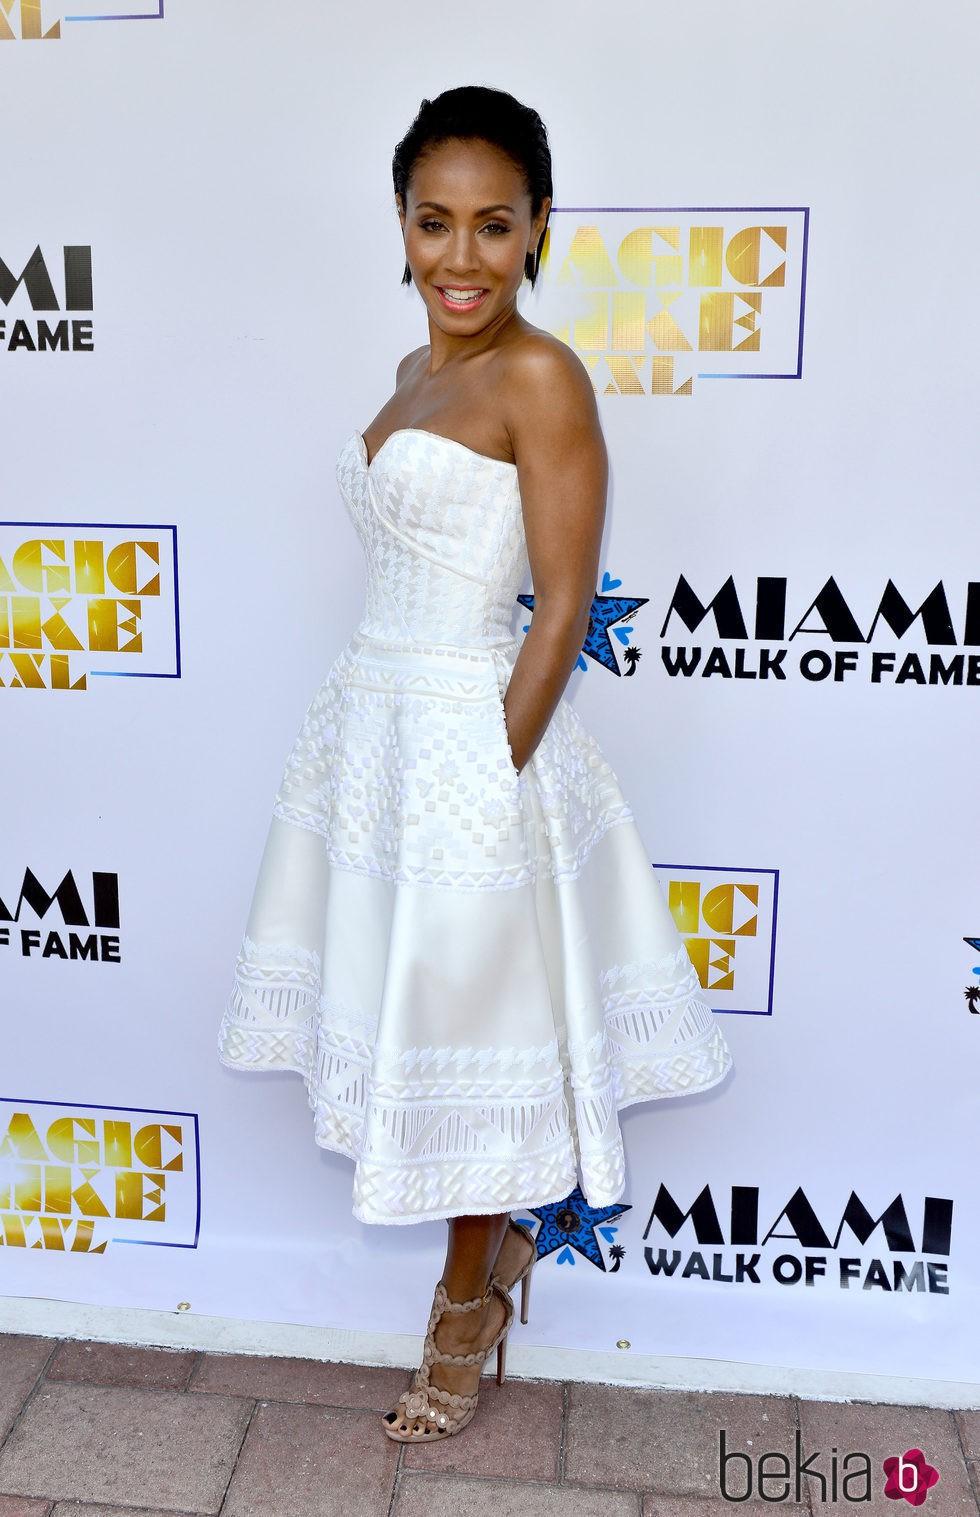 Jada Pinkett Smith en el Paseo de la Fama de Miami